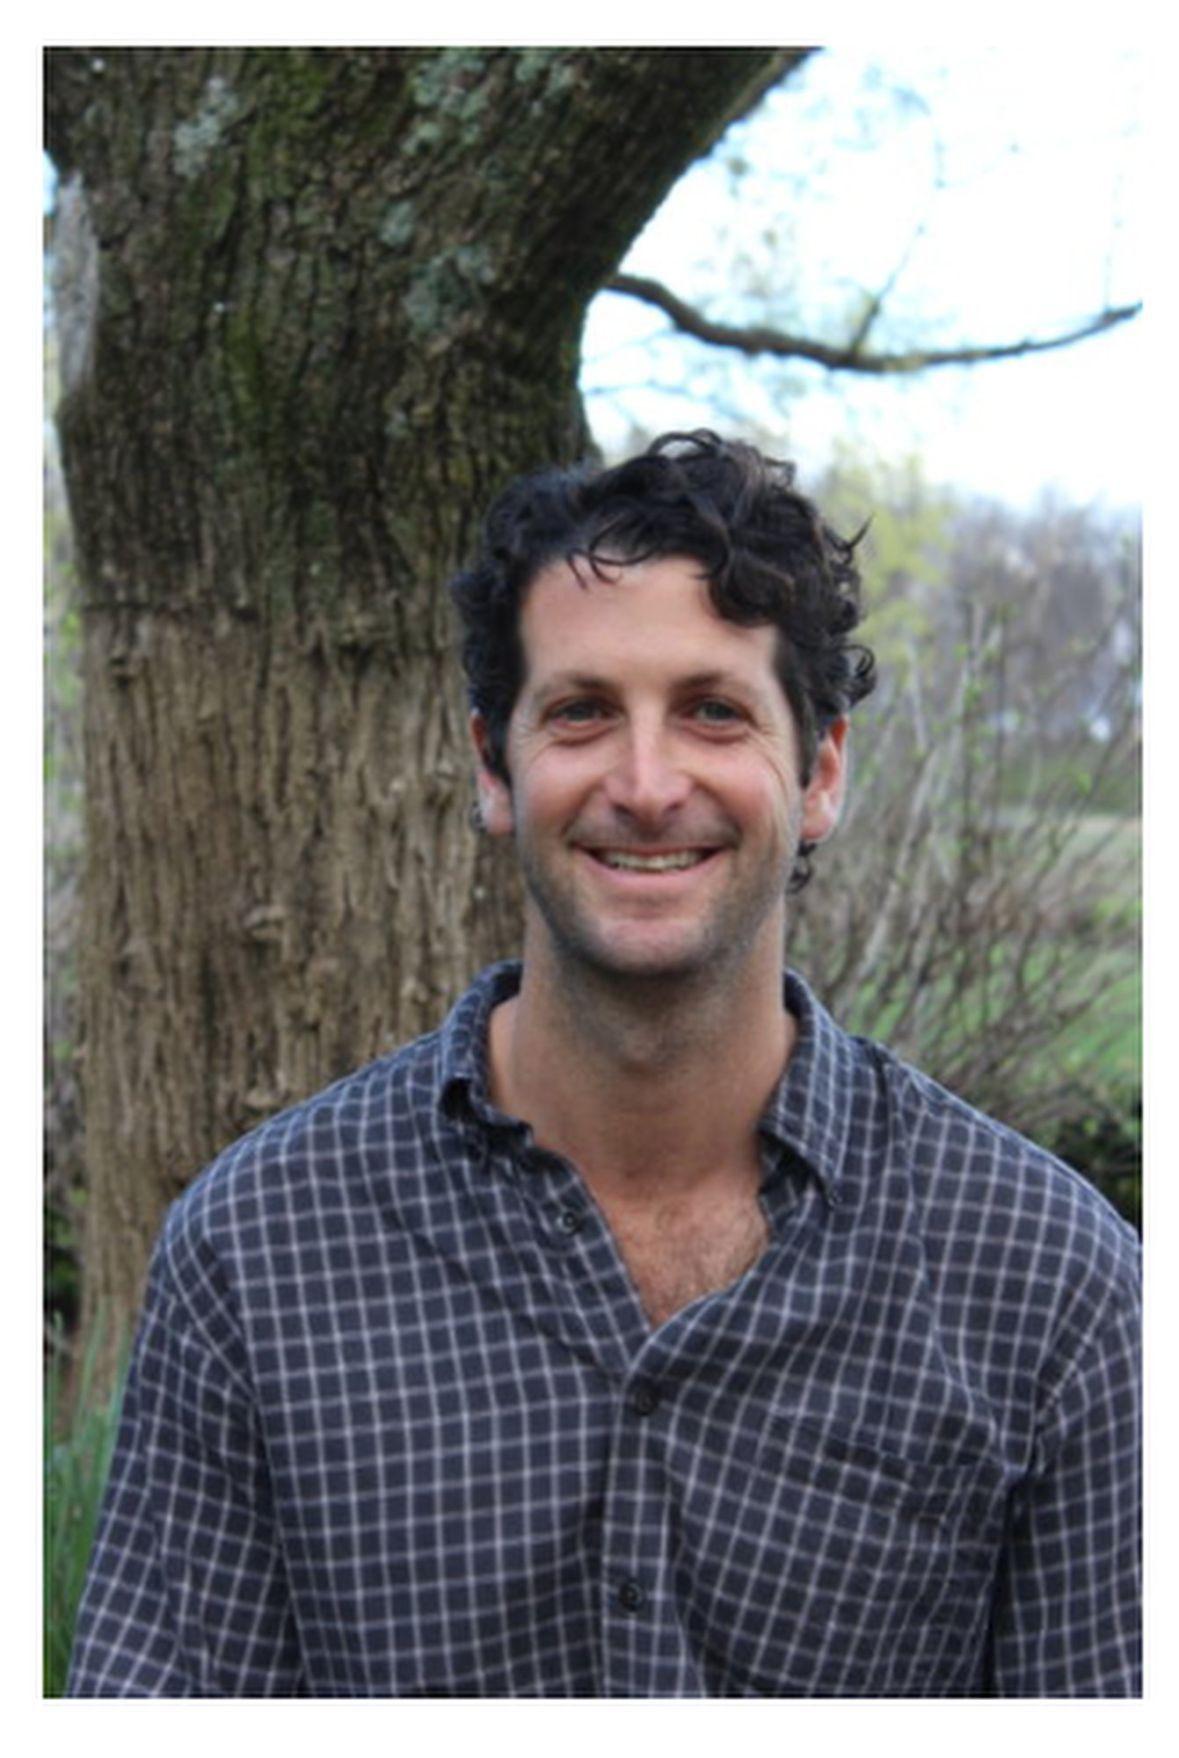 Matt Lebon